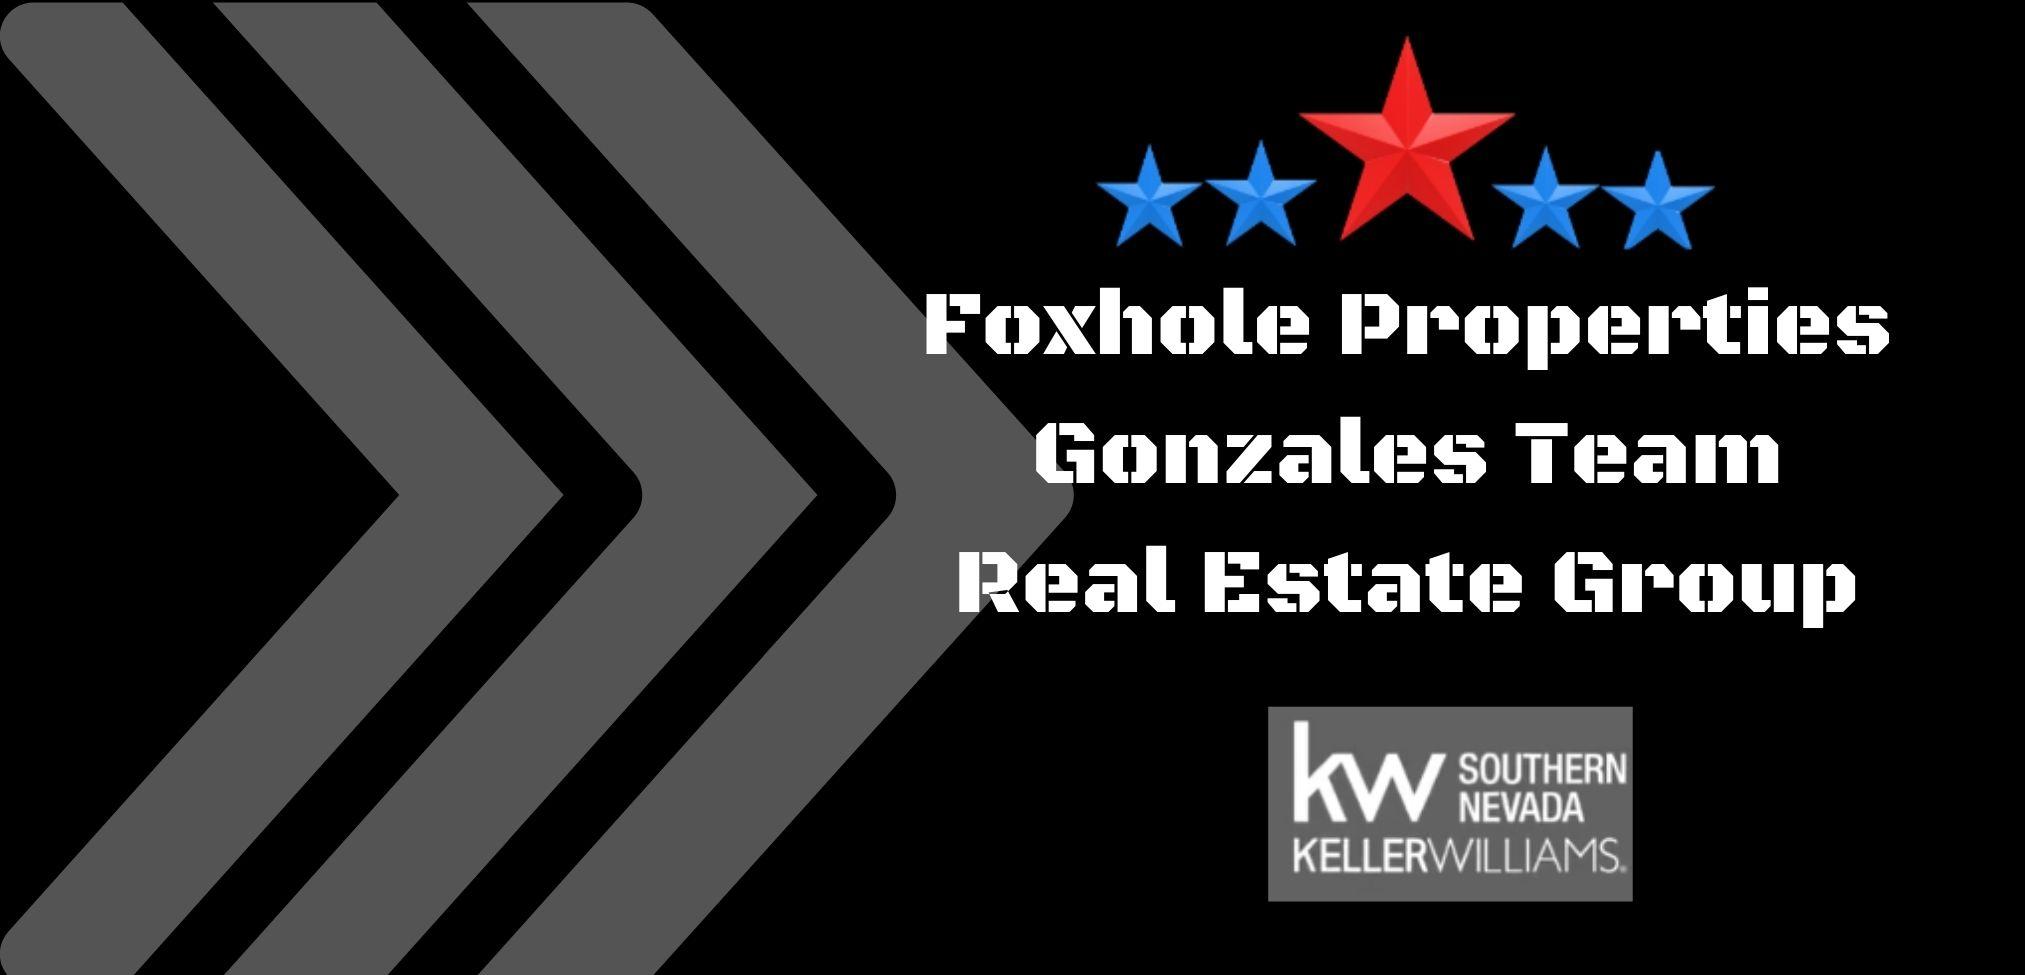 Foxhole Properties Gonzales Team